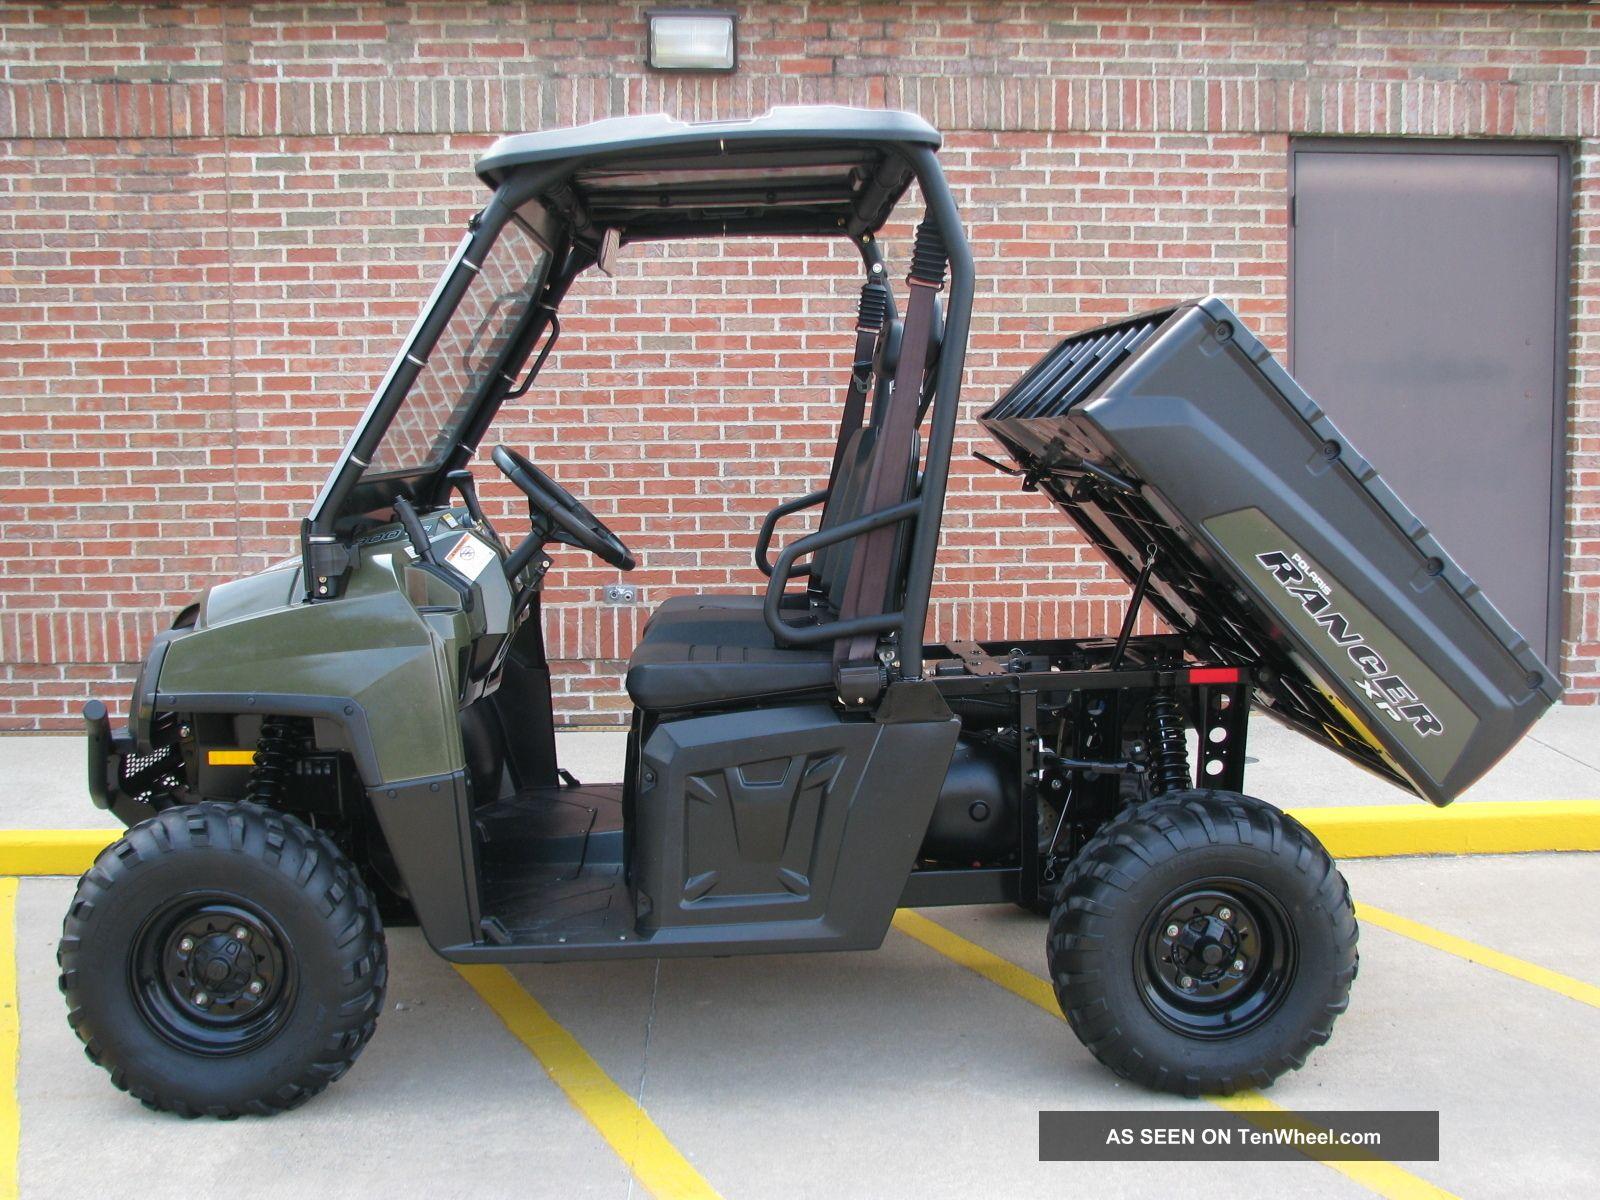 2011 Polaris Ranger Xp 800 W Eps